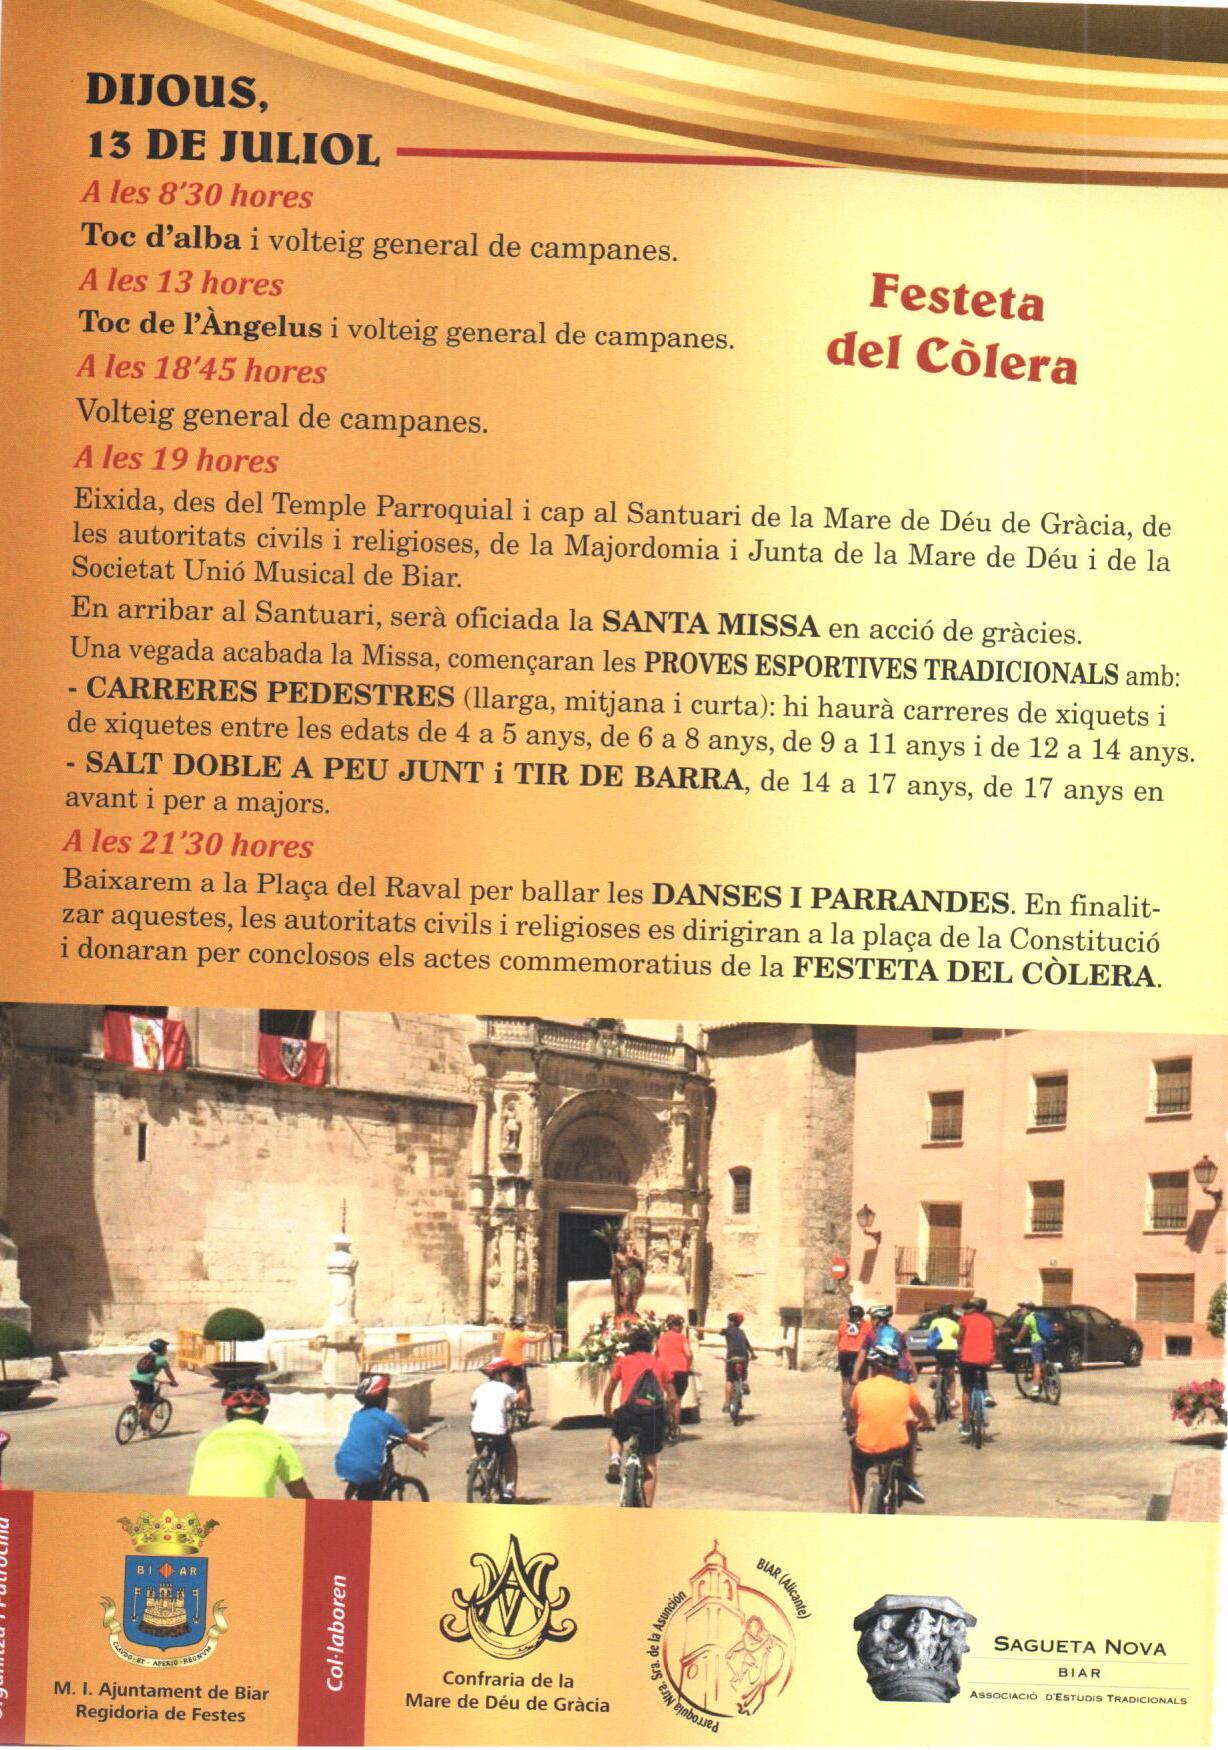 FIESTA SAN CRISTOBAL Y COLERA 20170001_Página_4